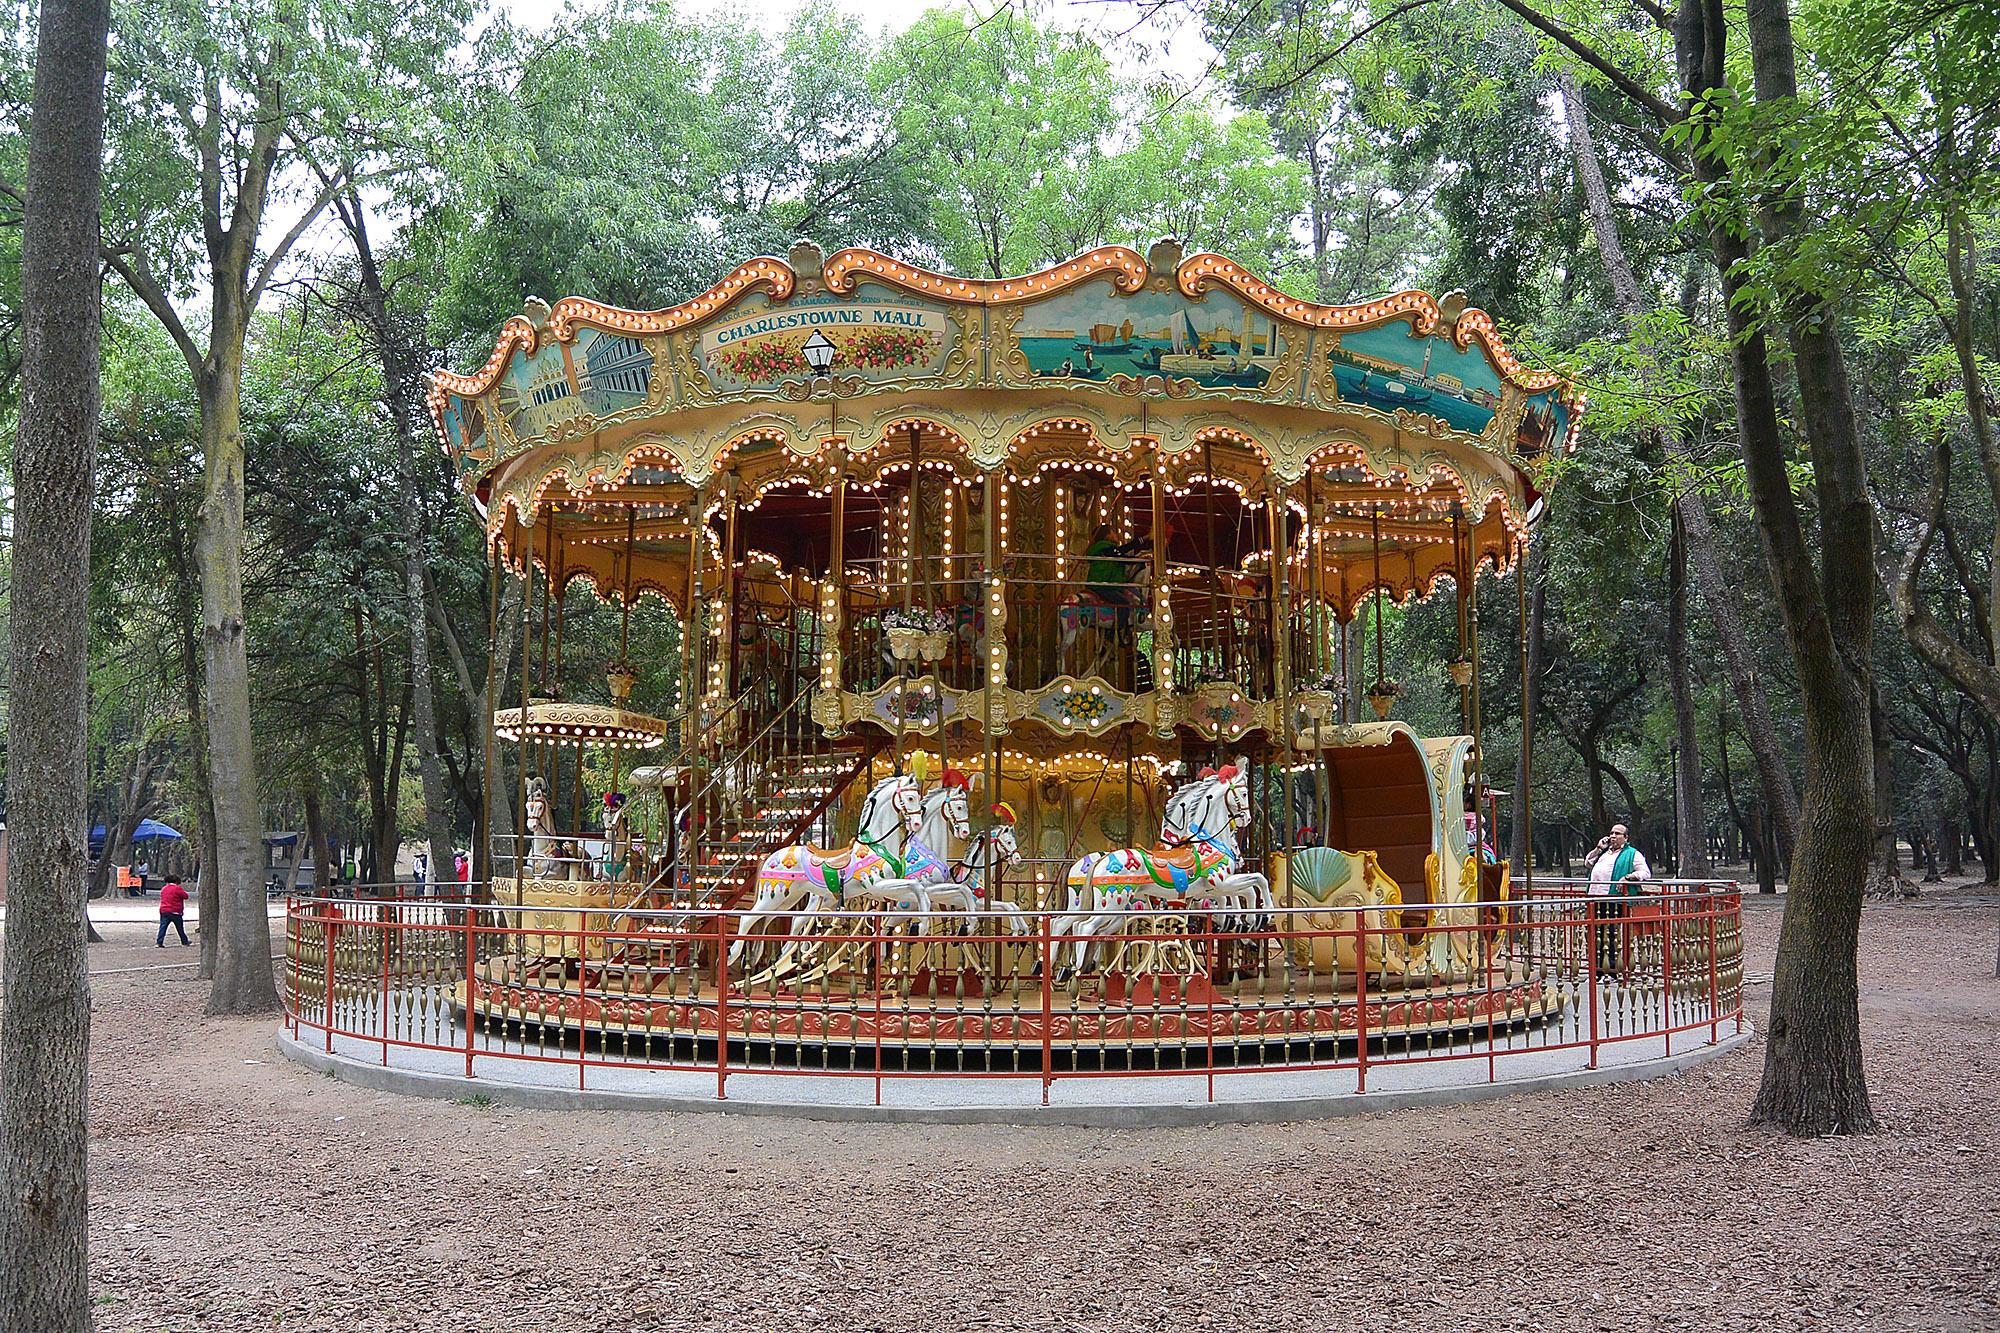 Mexico City Chapultepec Carousel